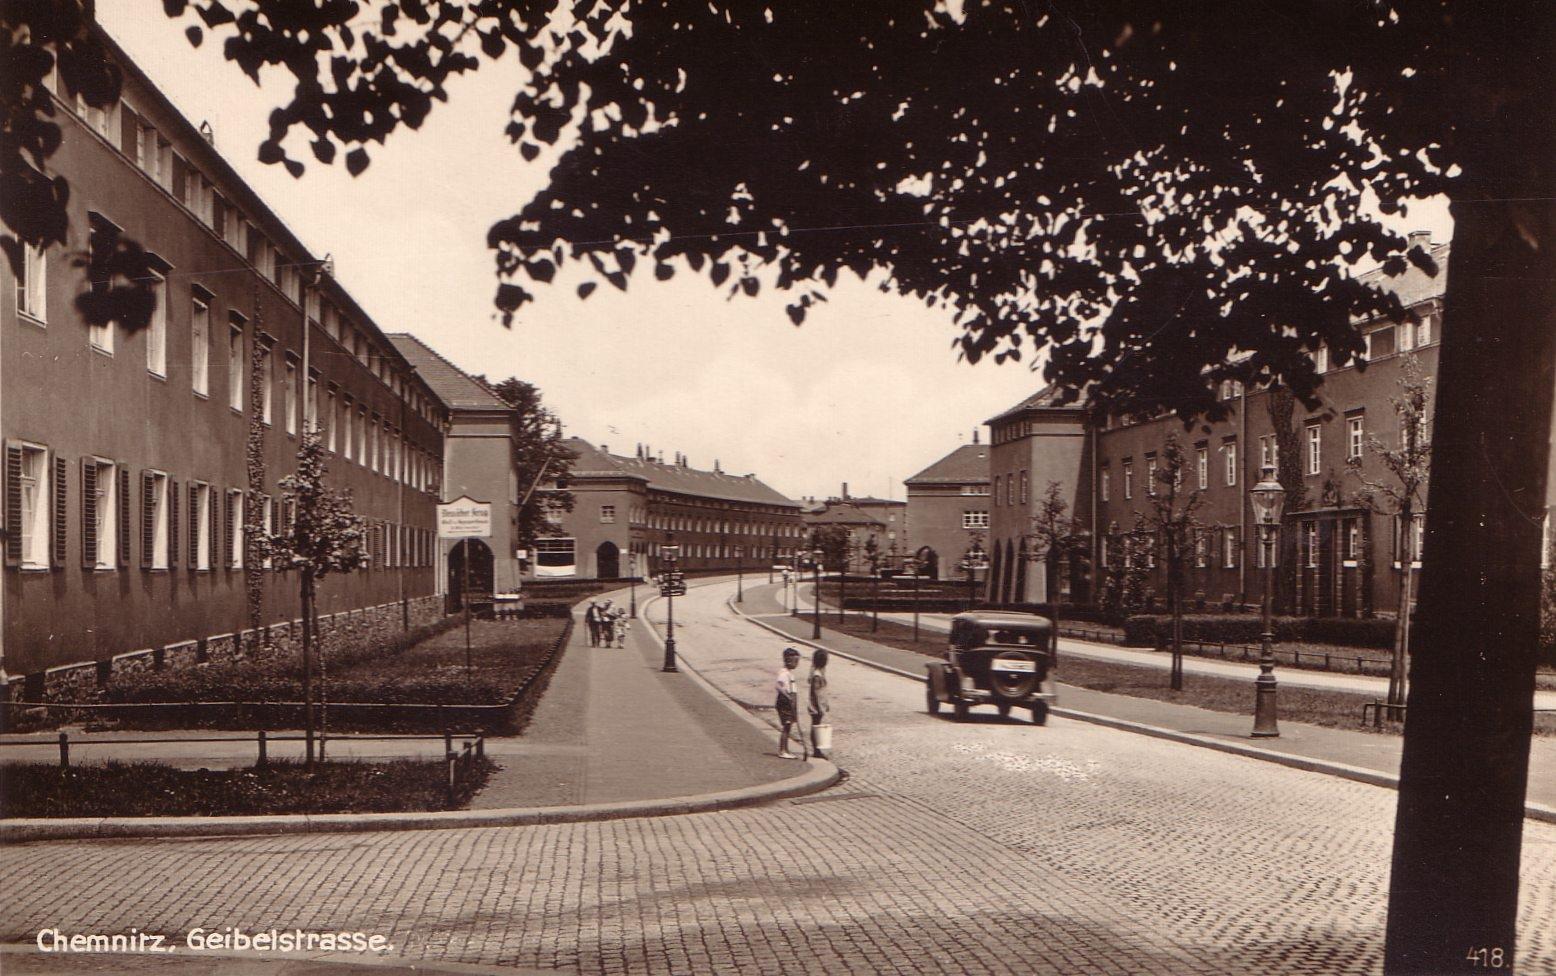 alte bilder von chemnitz historische gartenstadt gablenzsiedlung erhalt denkmalgesch tzter. Black Bedroom Furniture Sets. Home Design Ideas